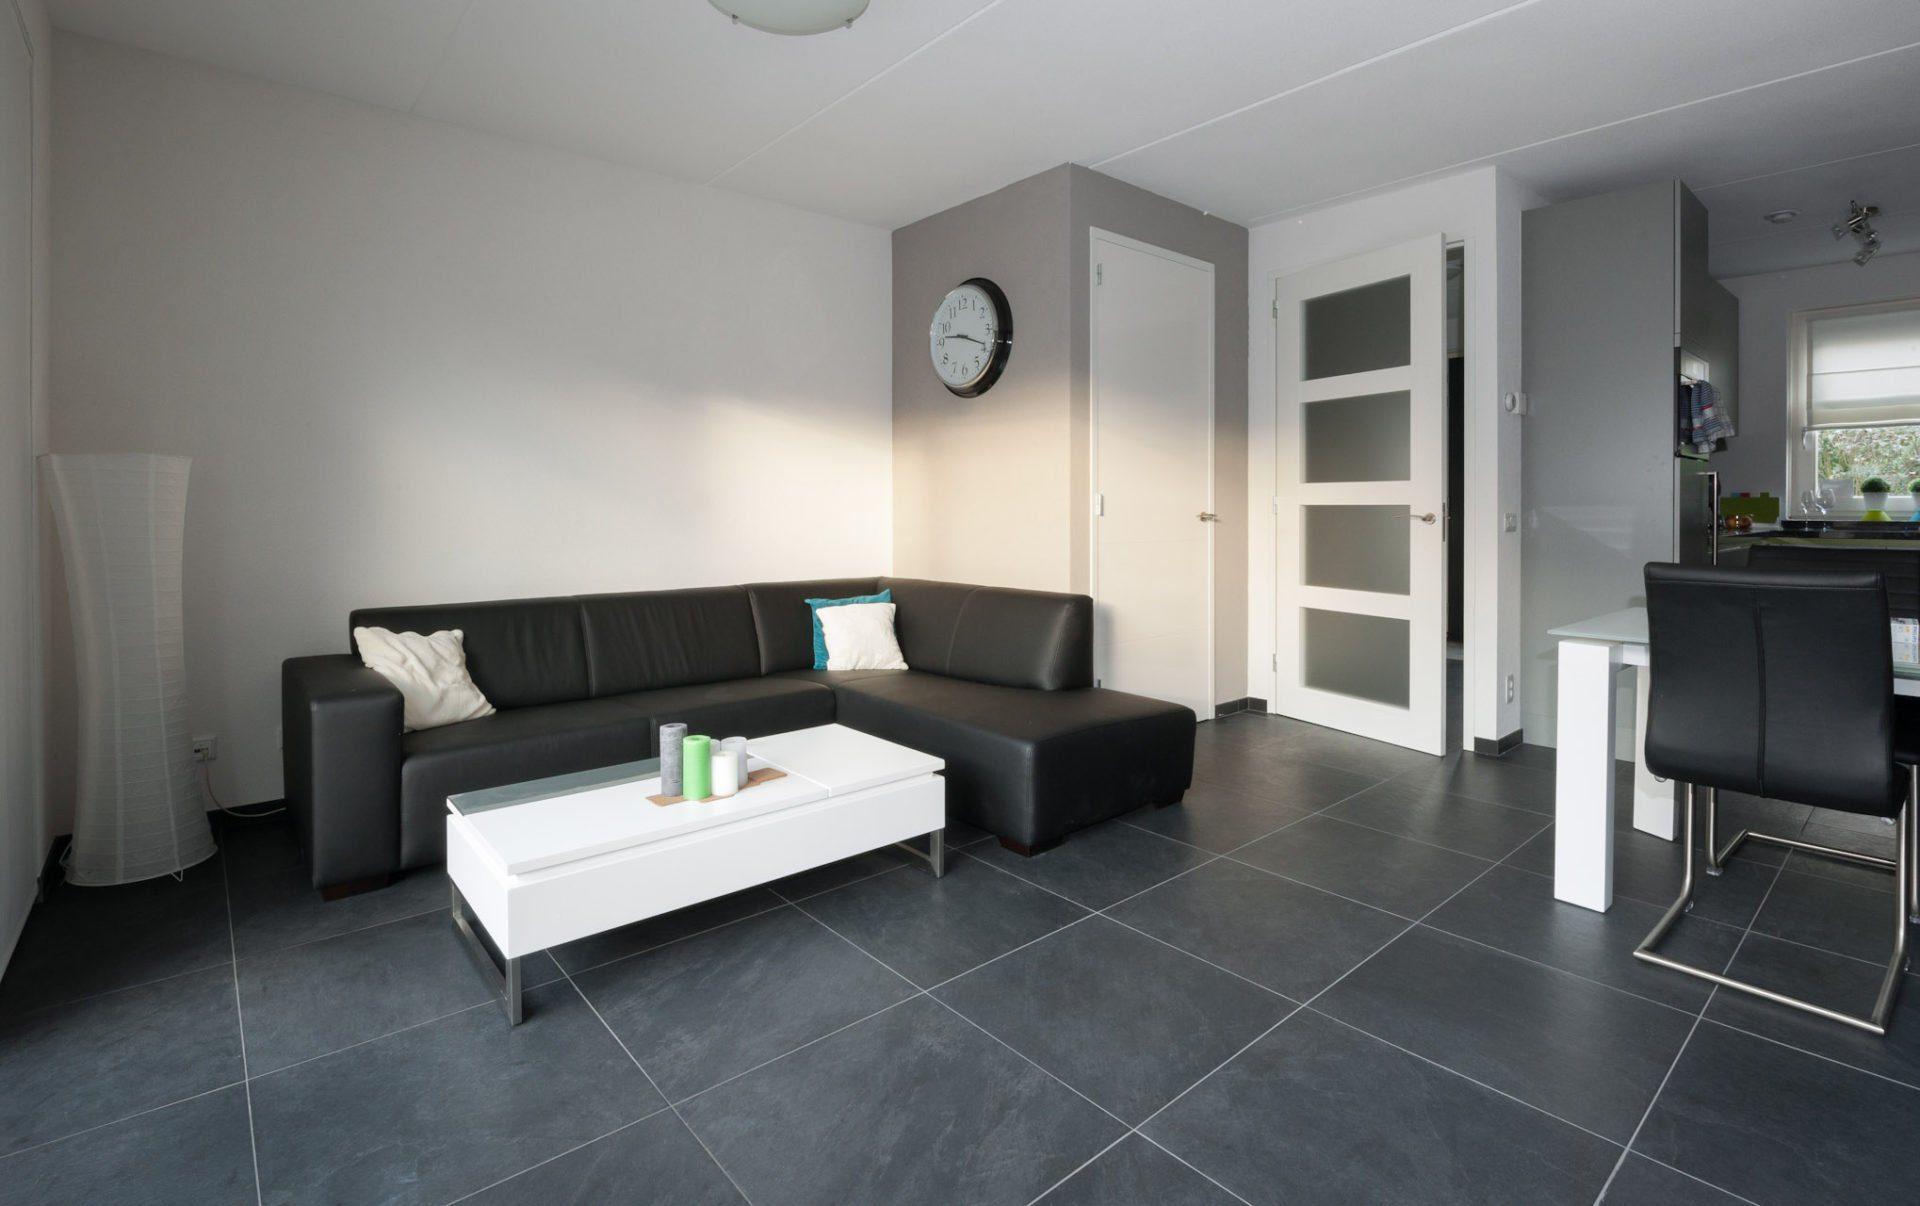 Keuken Badkamer Vloeren : Antraciet vloertegels in woonkamer en badkamer